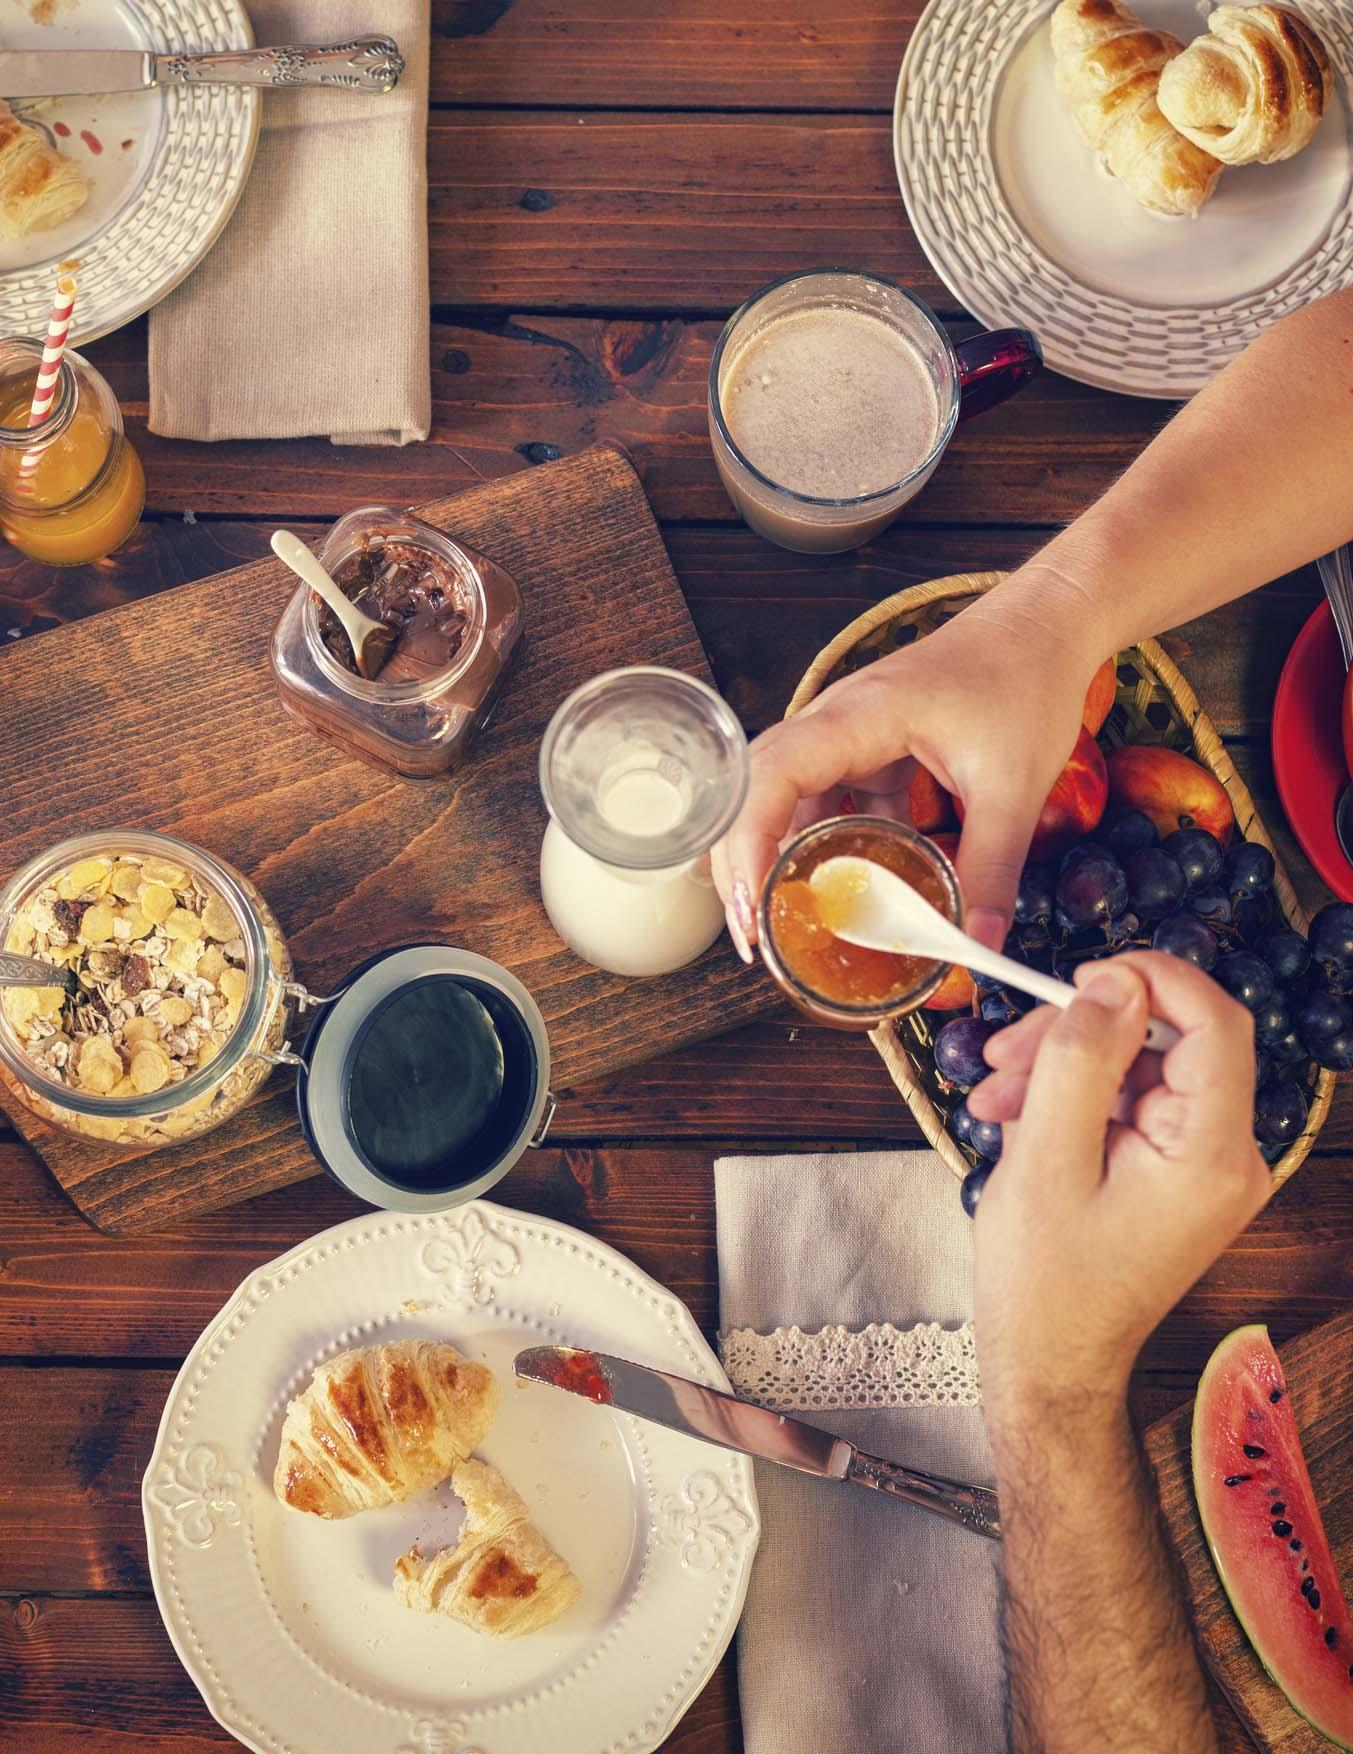 Lo que no sabías sobre la comida casera